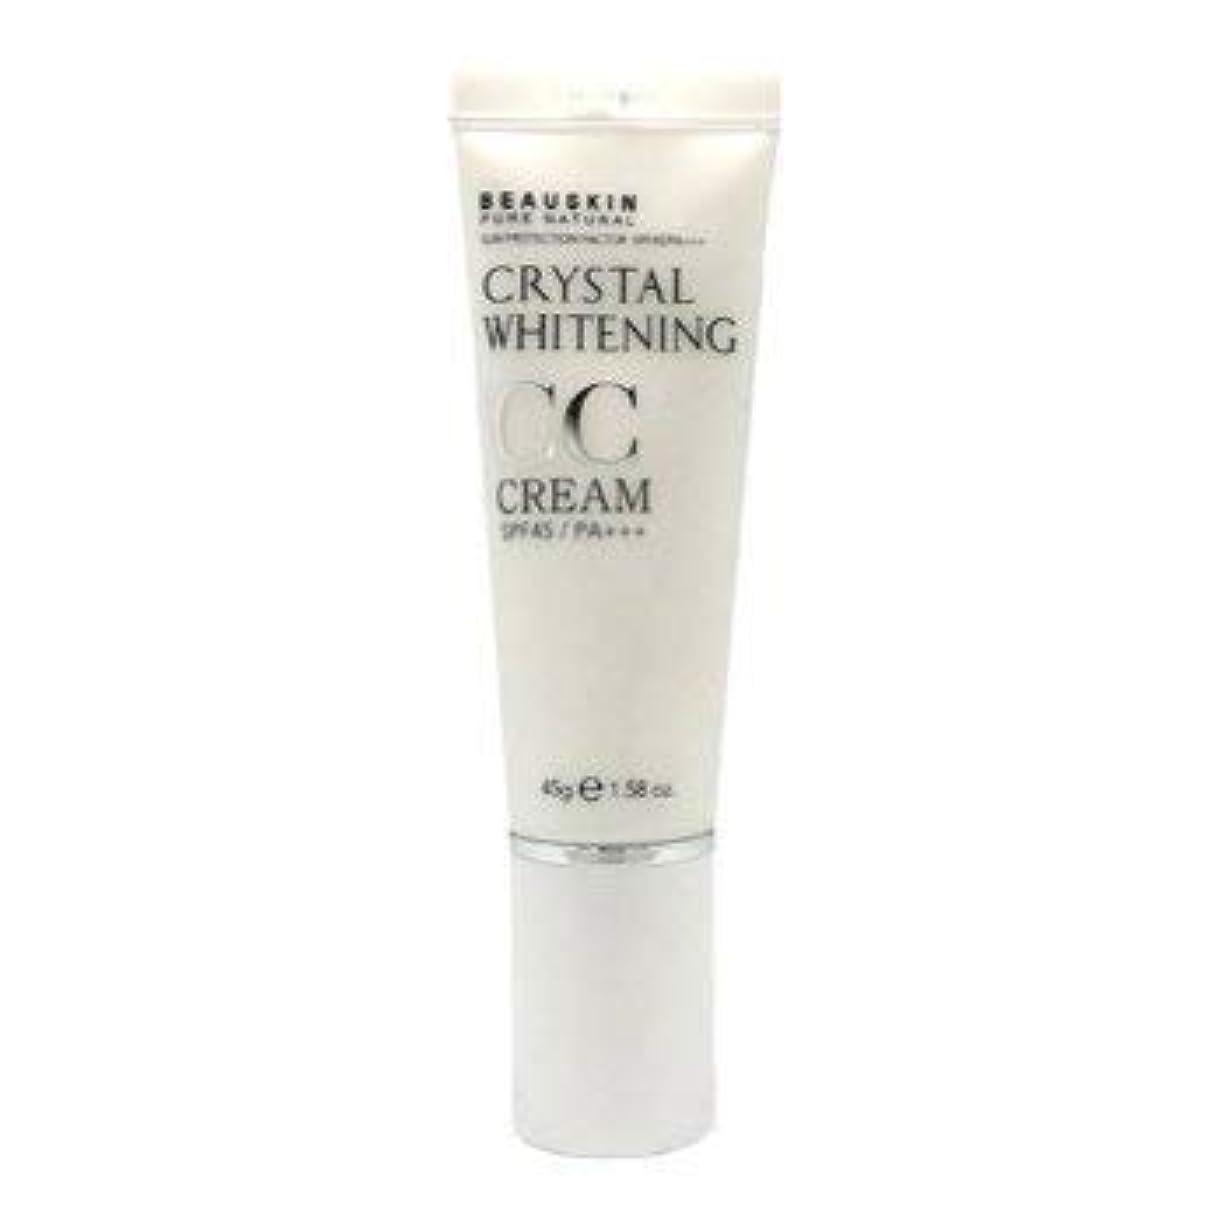 ペチュランス発動機歯痛Beauskin Pure Natural クリスタルホワイトニングCcクリームSPF 40 Pa +++ 45G 1.58Oz [並行輸入品]